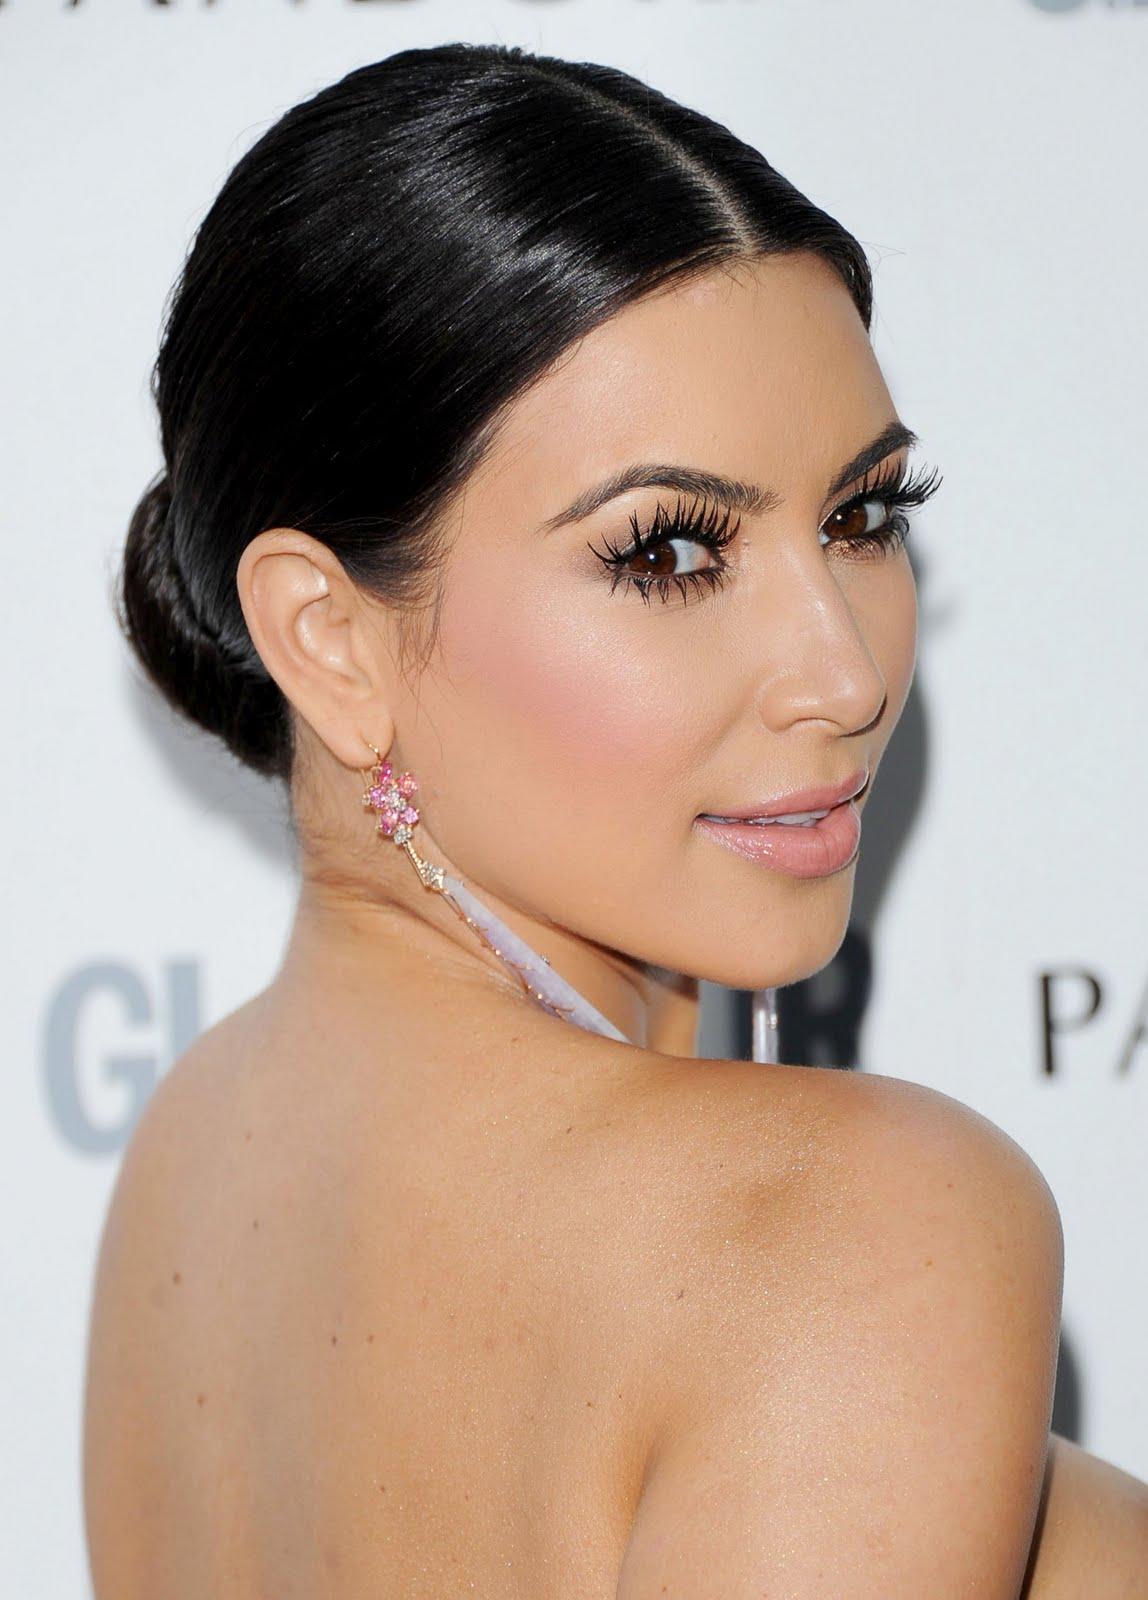 http://3.bp.blogspot.com/-GLB0oKcVJw4/TfJak8SS6QI/AAAAAAAAAdg/06eI9BZIcb8/s1600/Kim-Kardashian-51.jpg